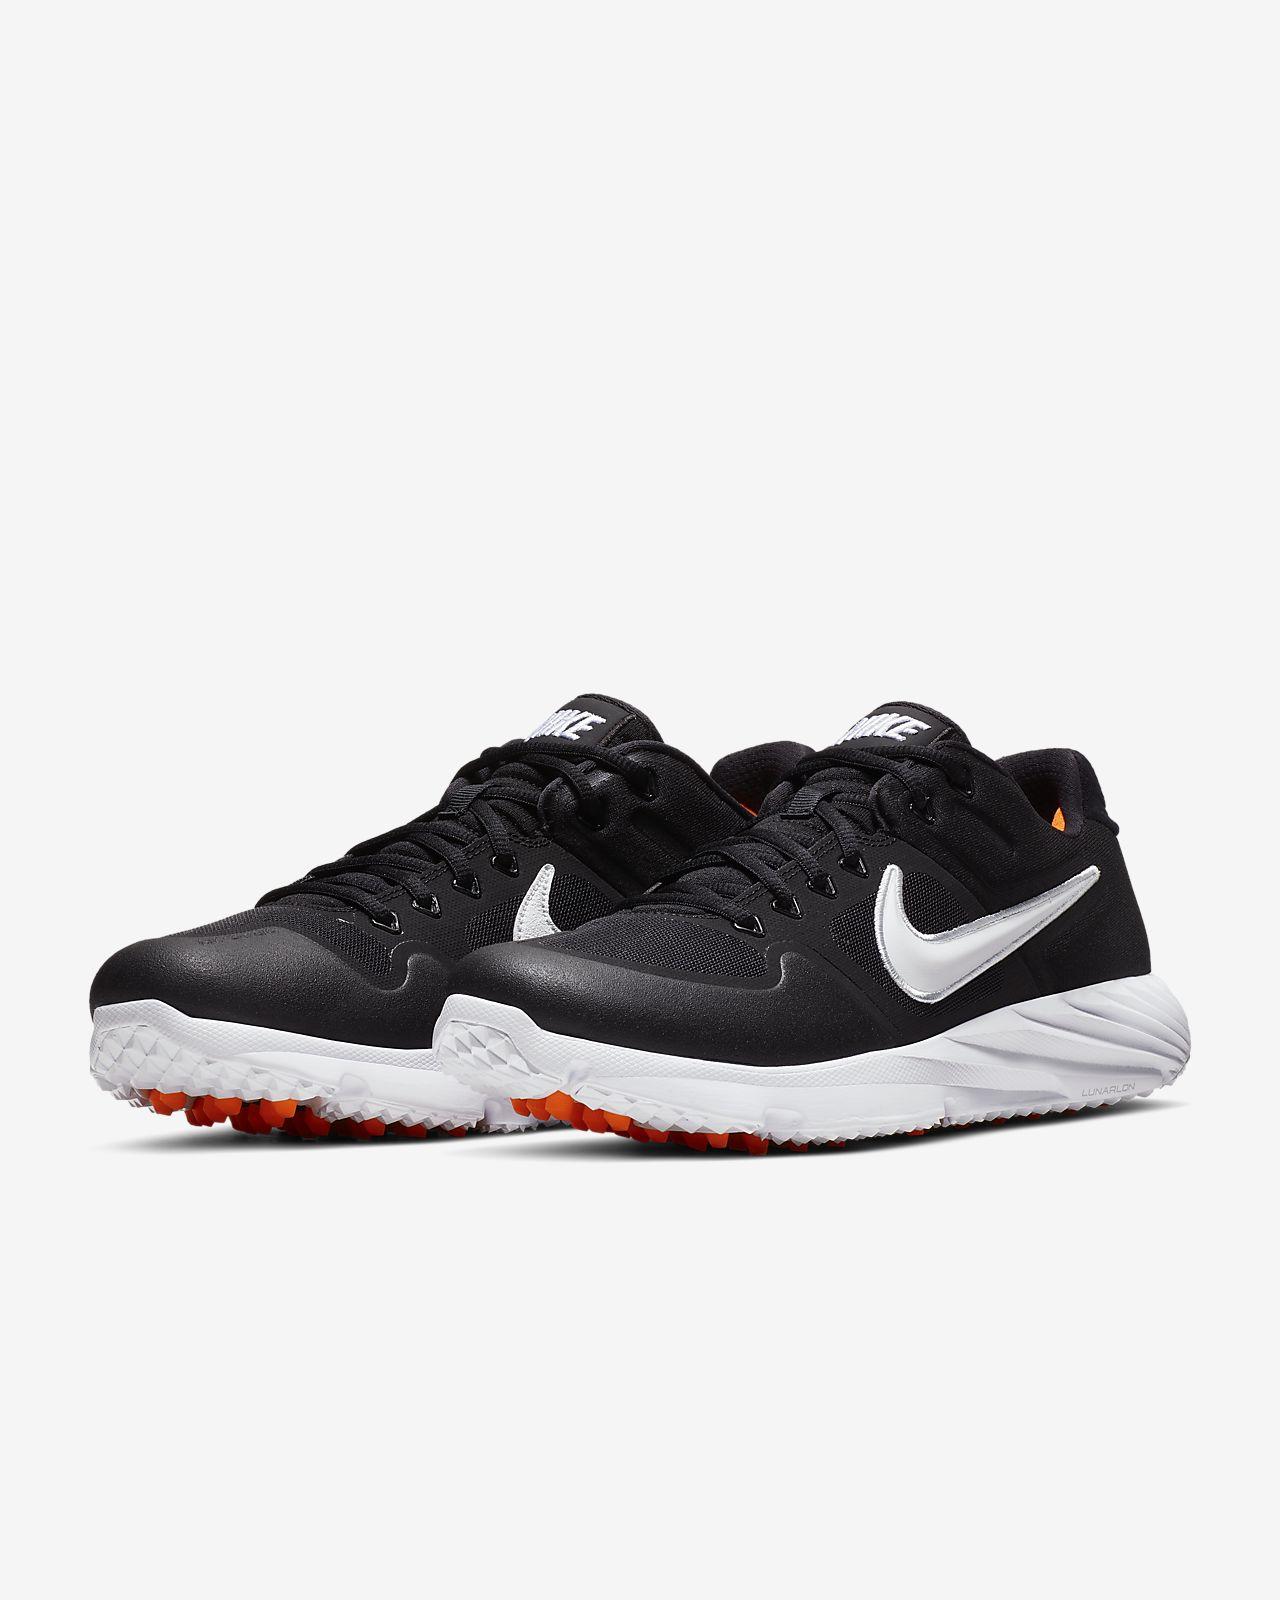 ad81927b4c7 Nike Alpha Huarache Elite 2 Turf Baseball Cleat. Nike.com